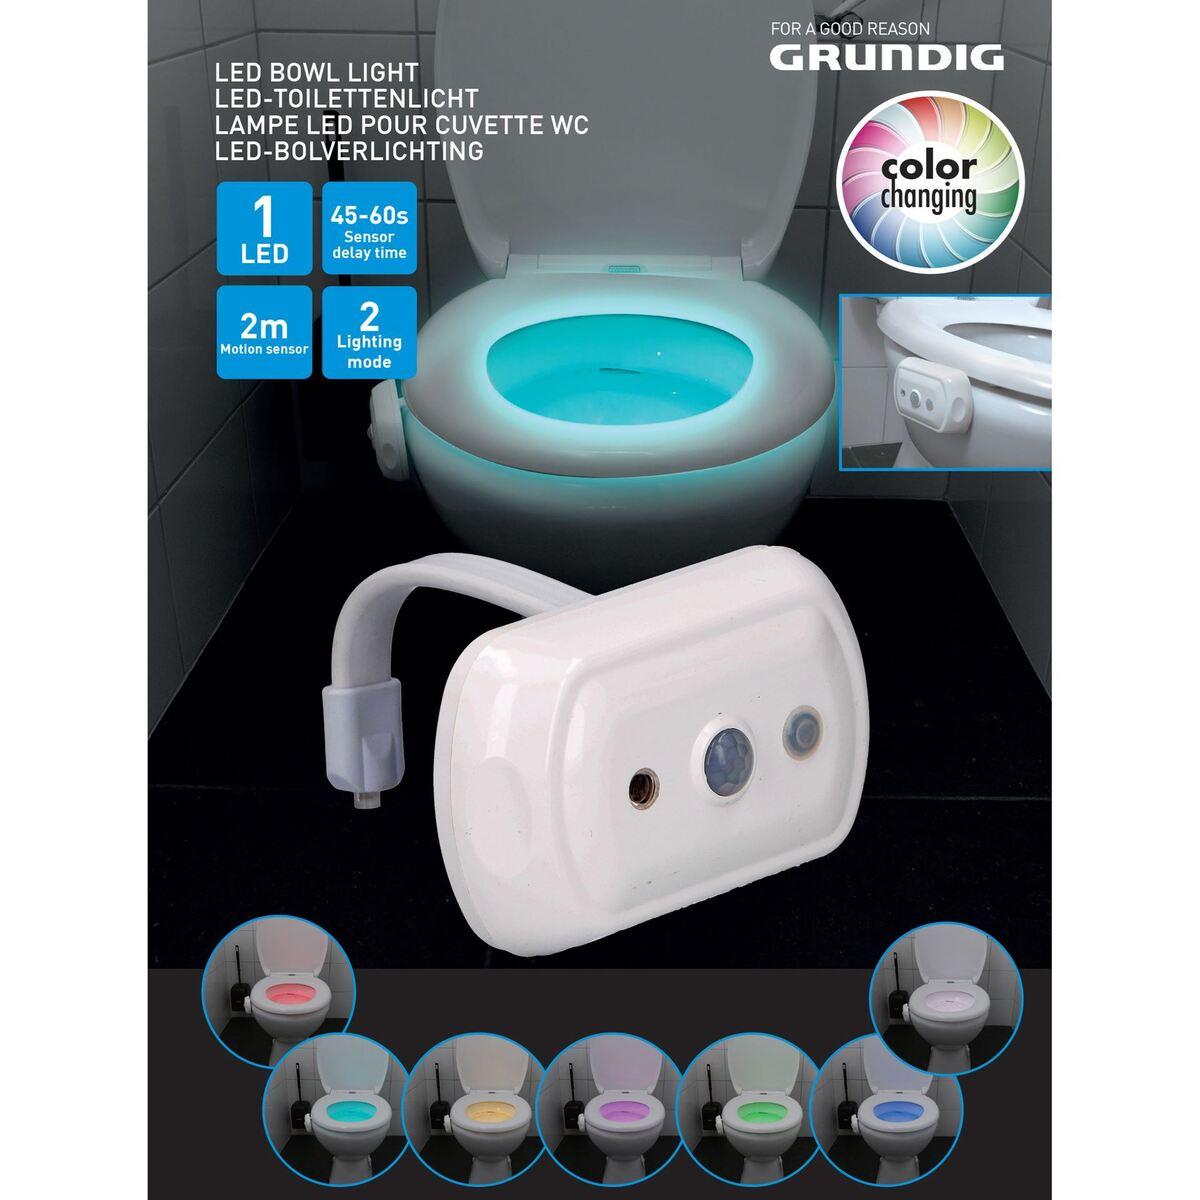 Bild 1 von Grundig LED-Toilettenlicht mit Sensor